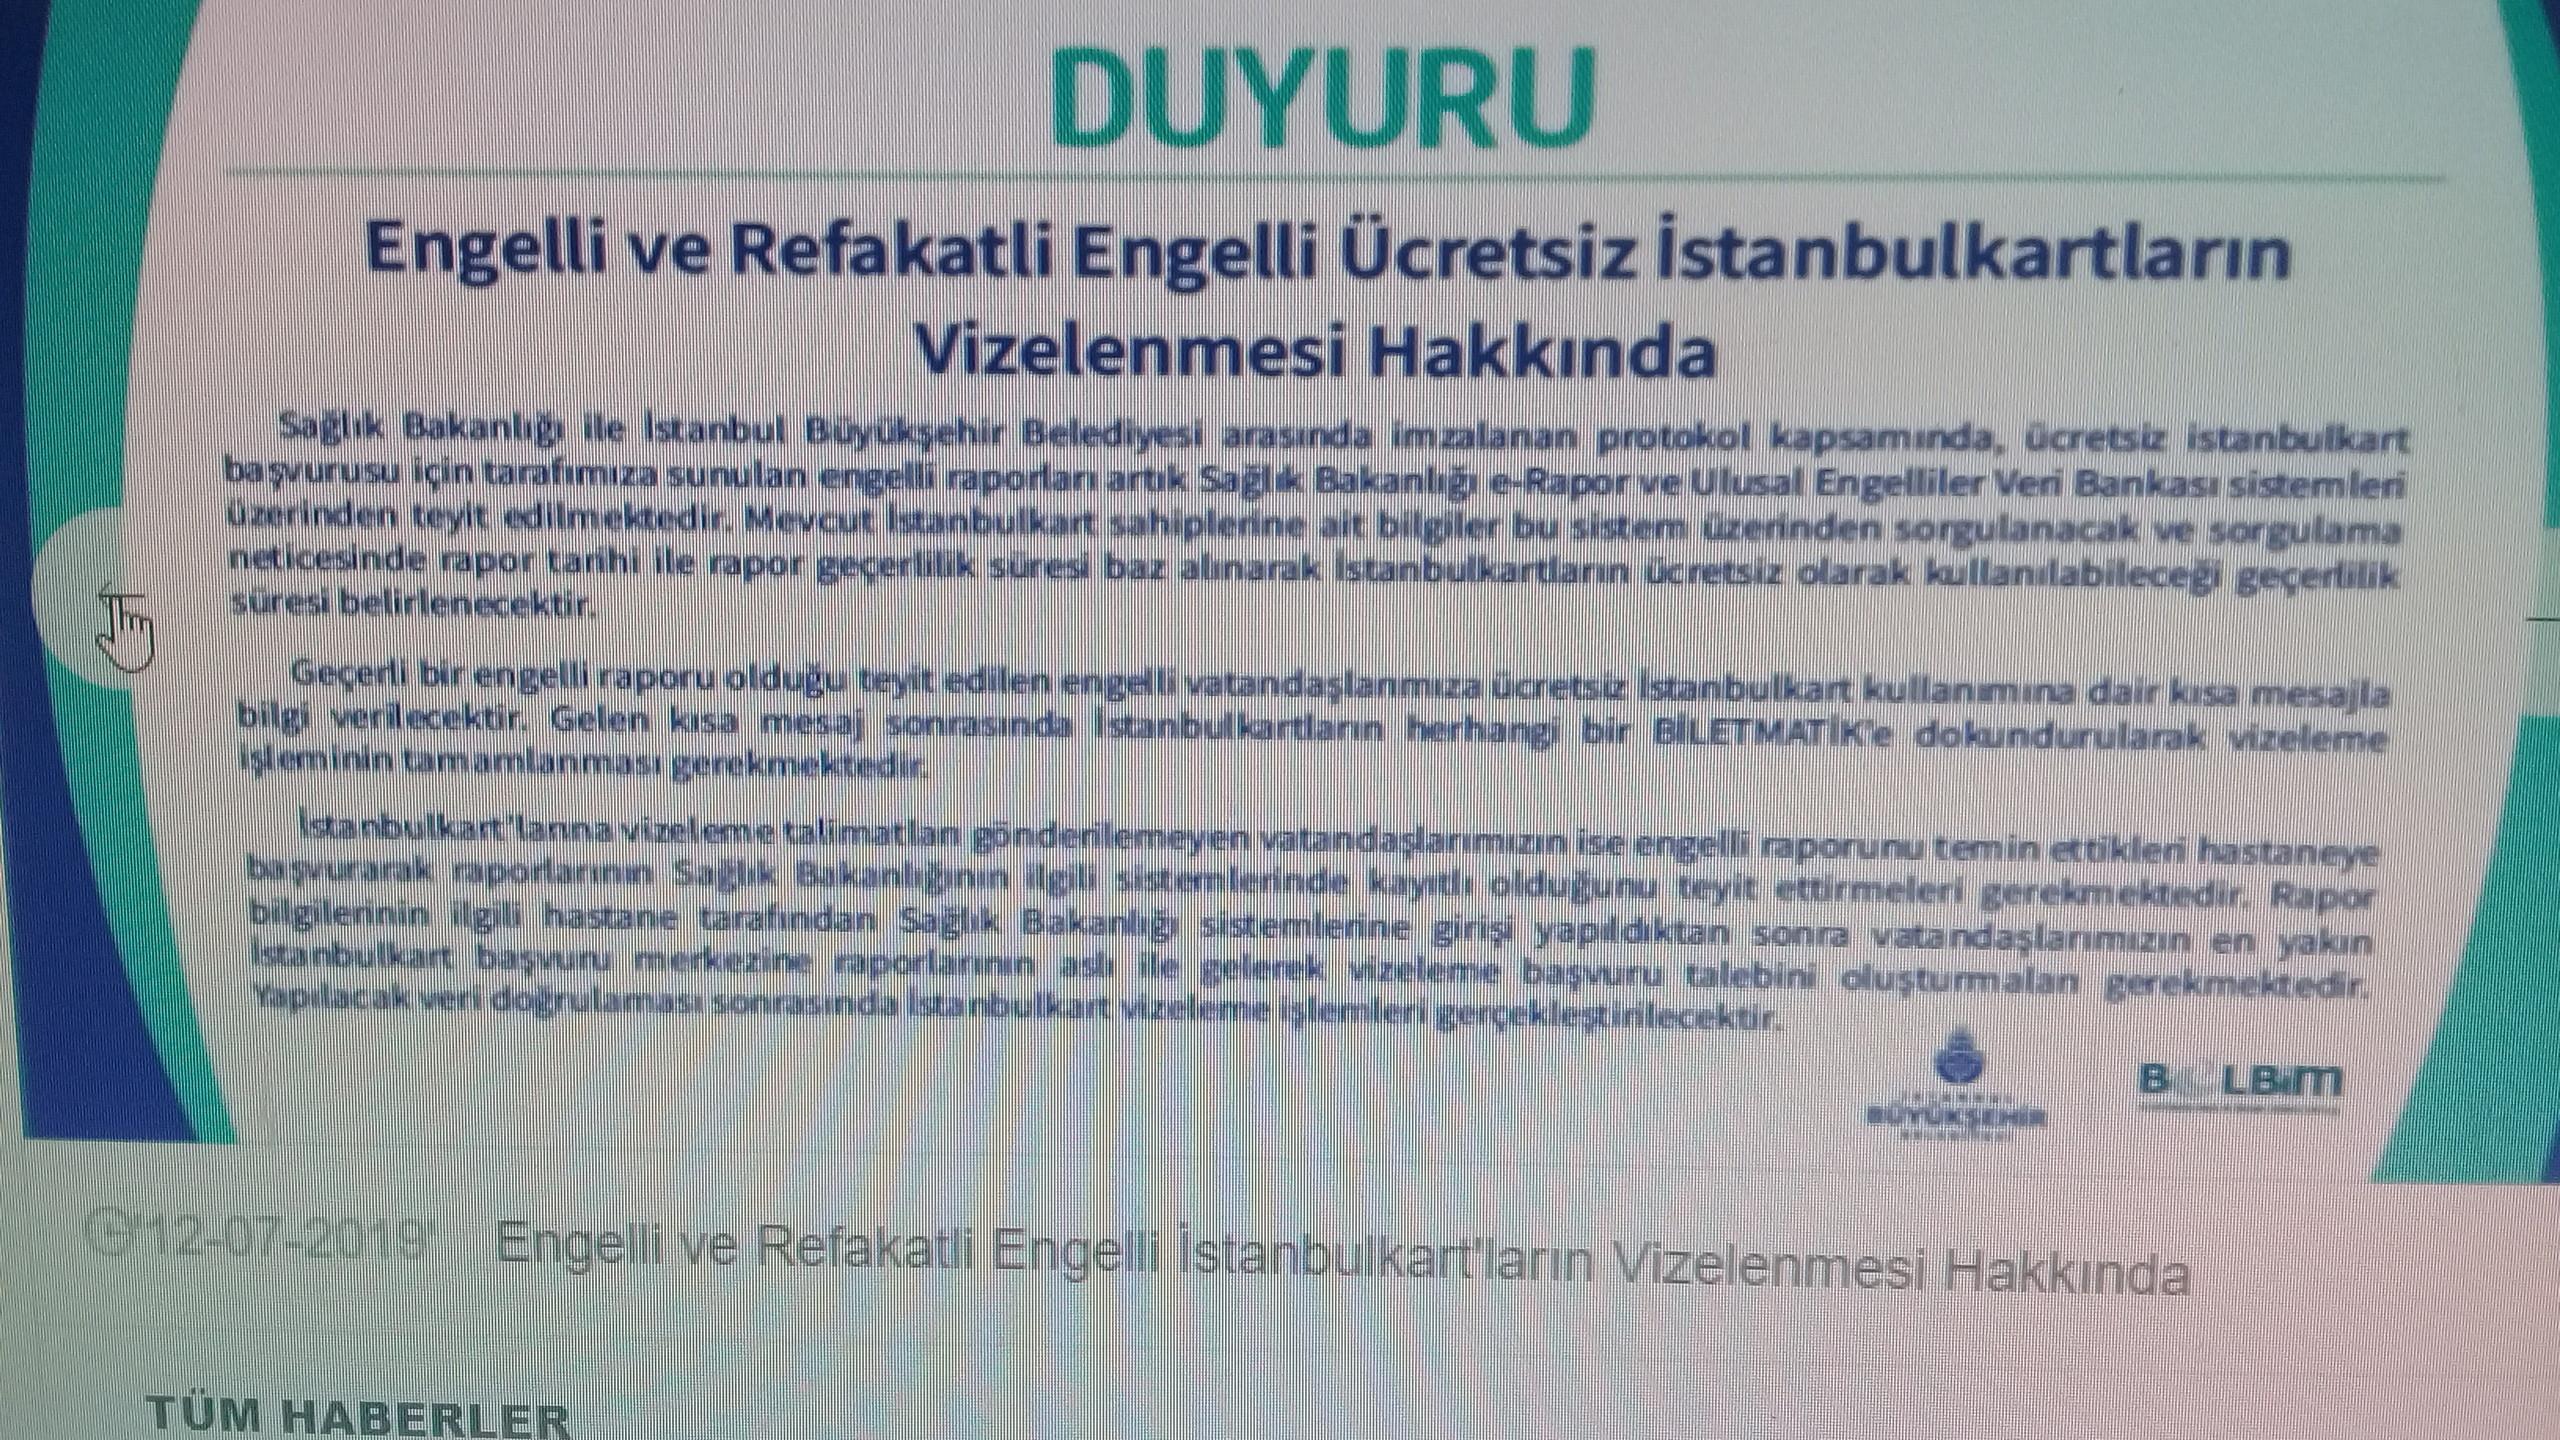 Rgk7Za - İstanbul kart devamlılığı için raporu sisteme işletmemiz gerekiyormuş!?